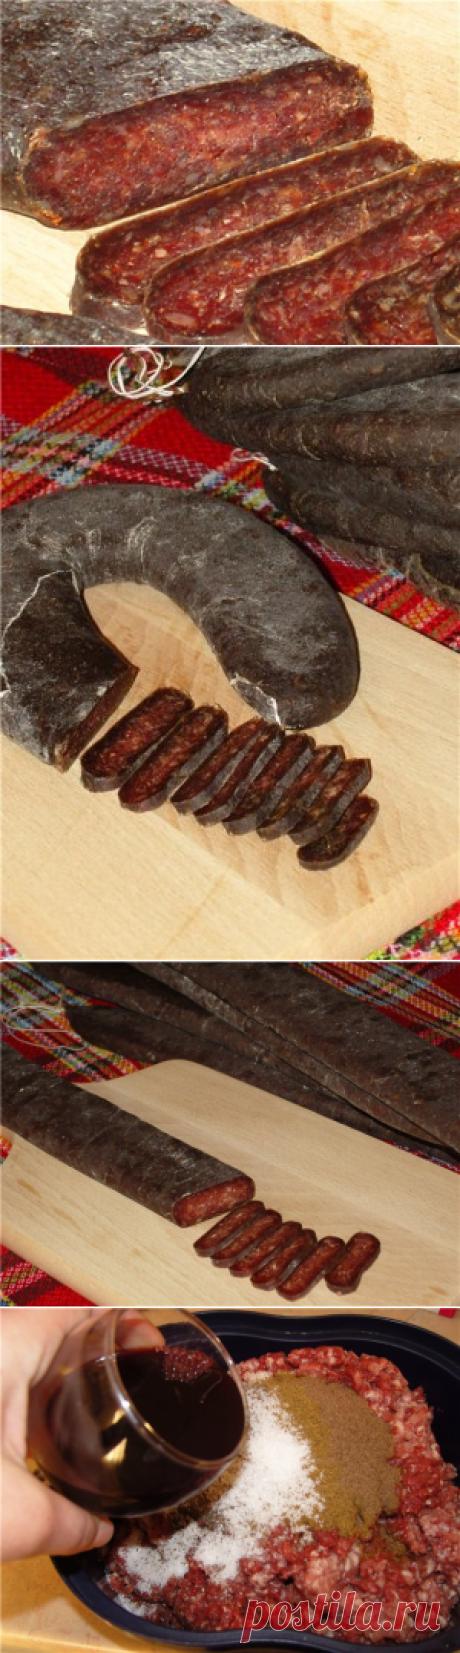 Суджук и Луканка - вяленая колбаса !!!